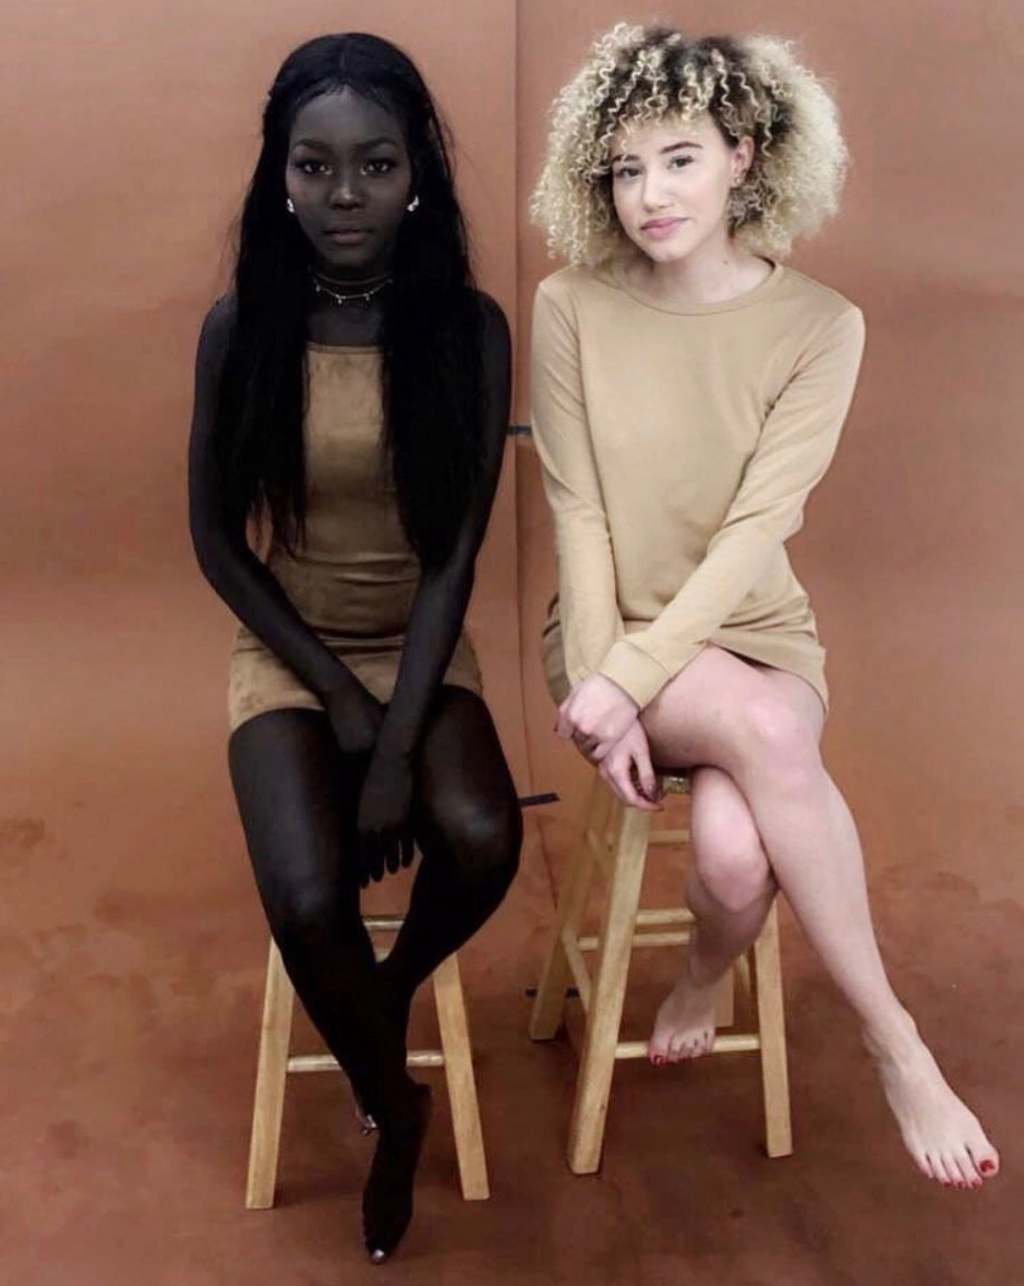 Piel - Son los Sursudaneses las personas con la piel más oscura del mundo? Nyakim13